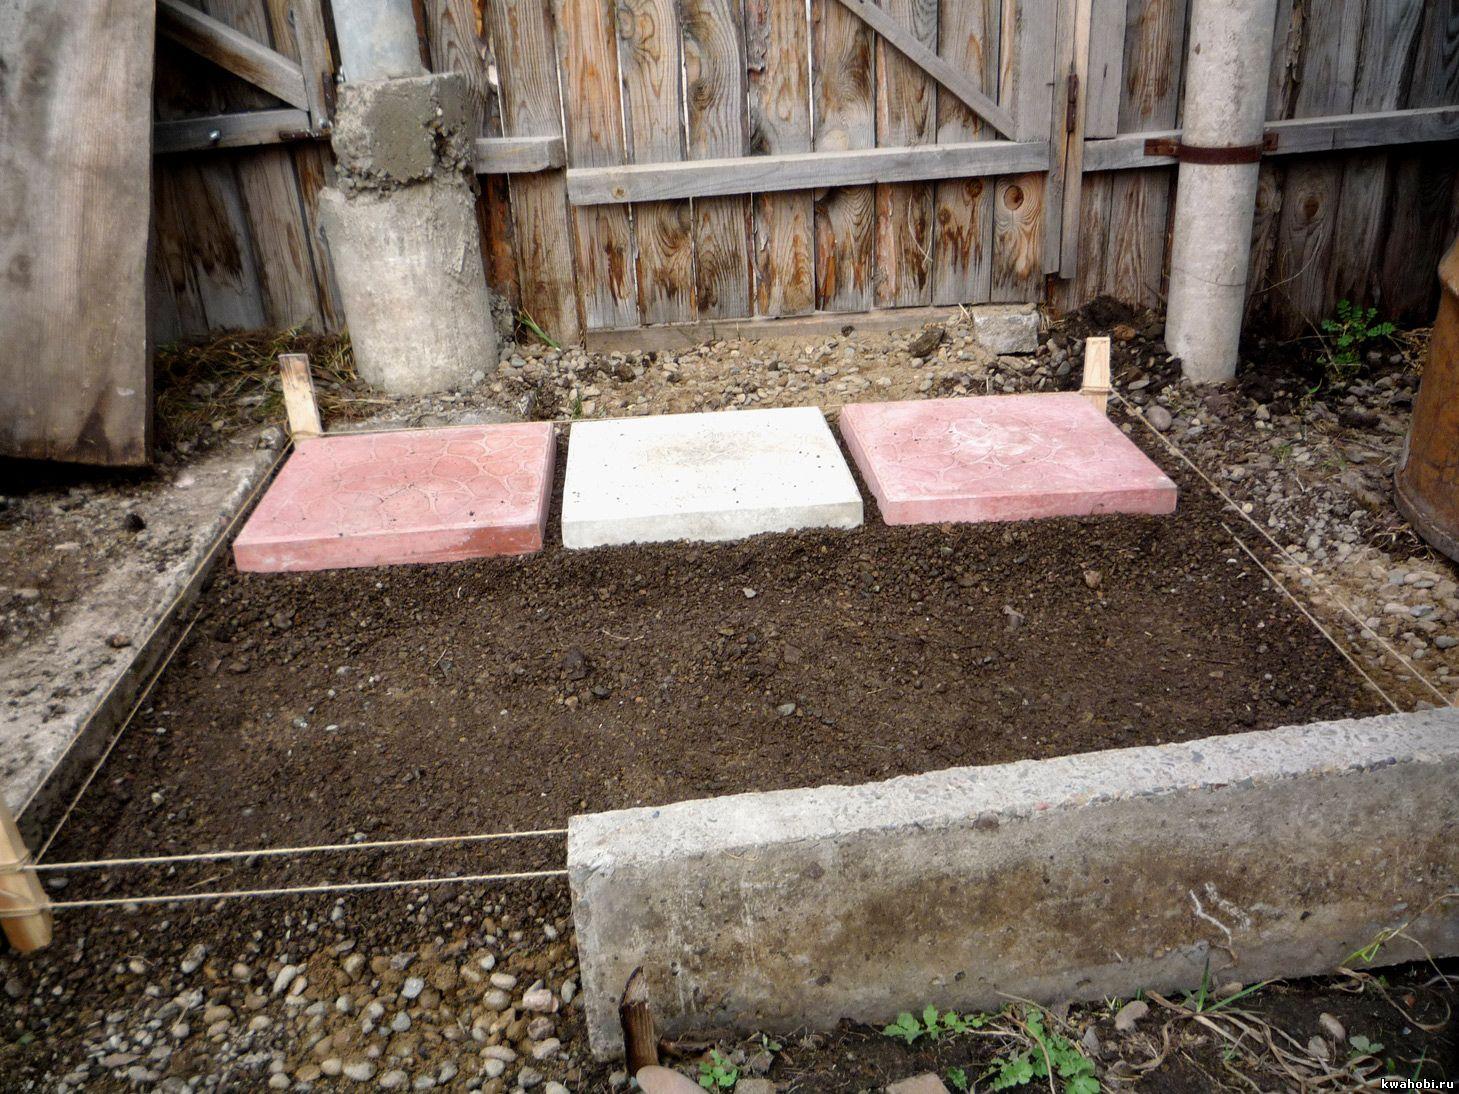 укладываем плитки садовой дорожки по уровню, чередуя цвета